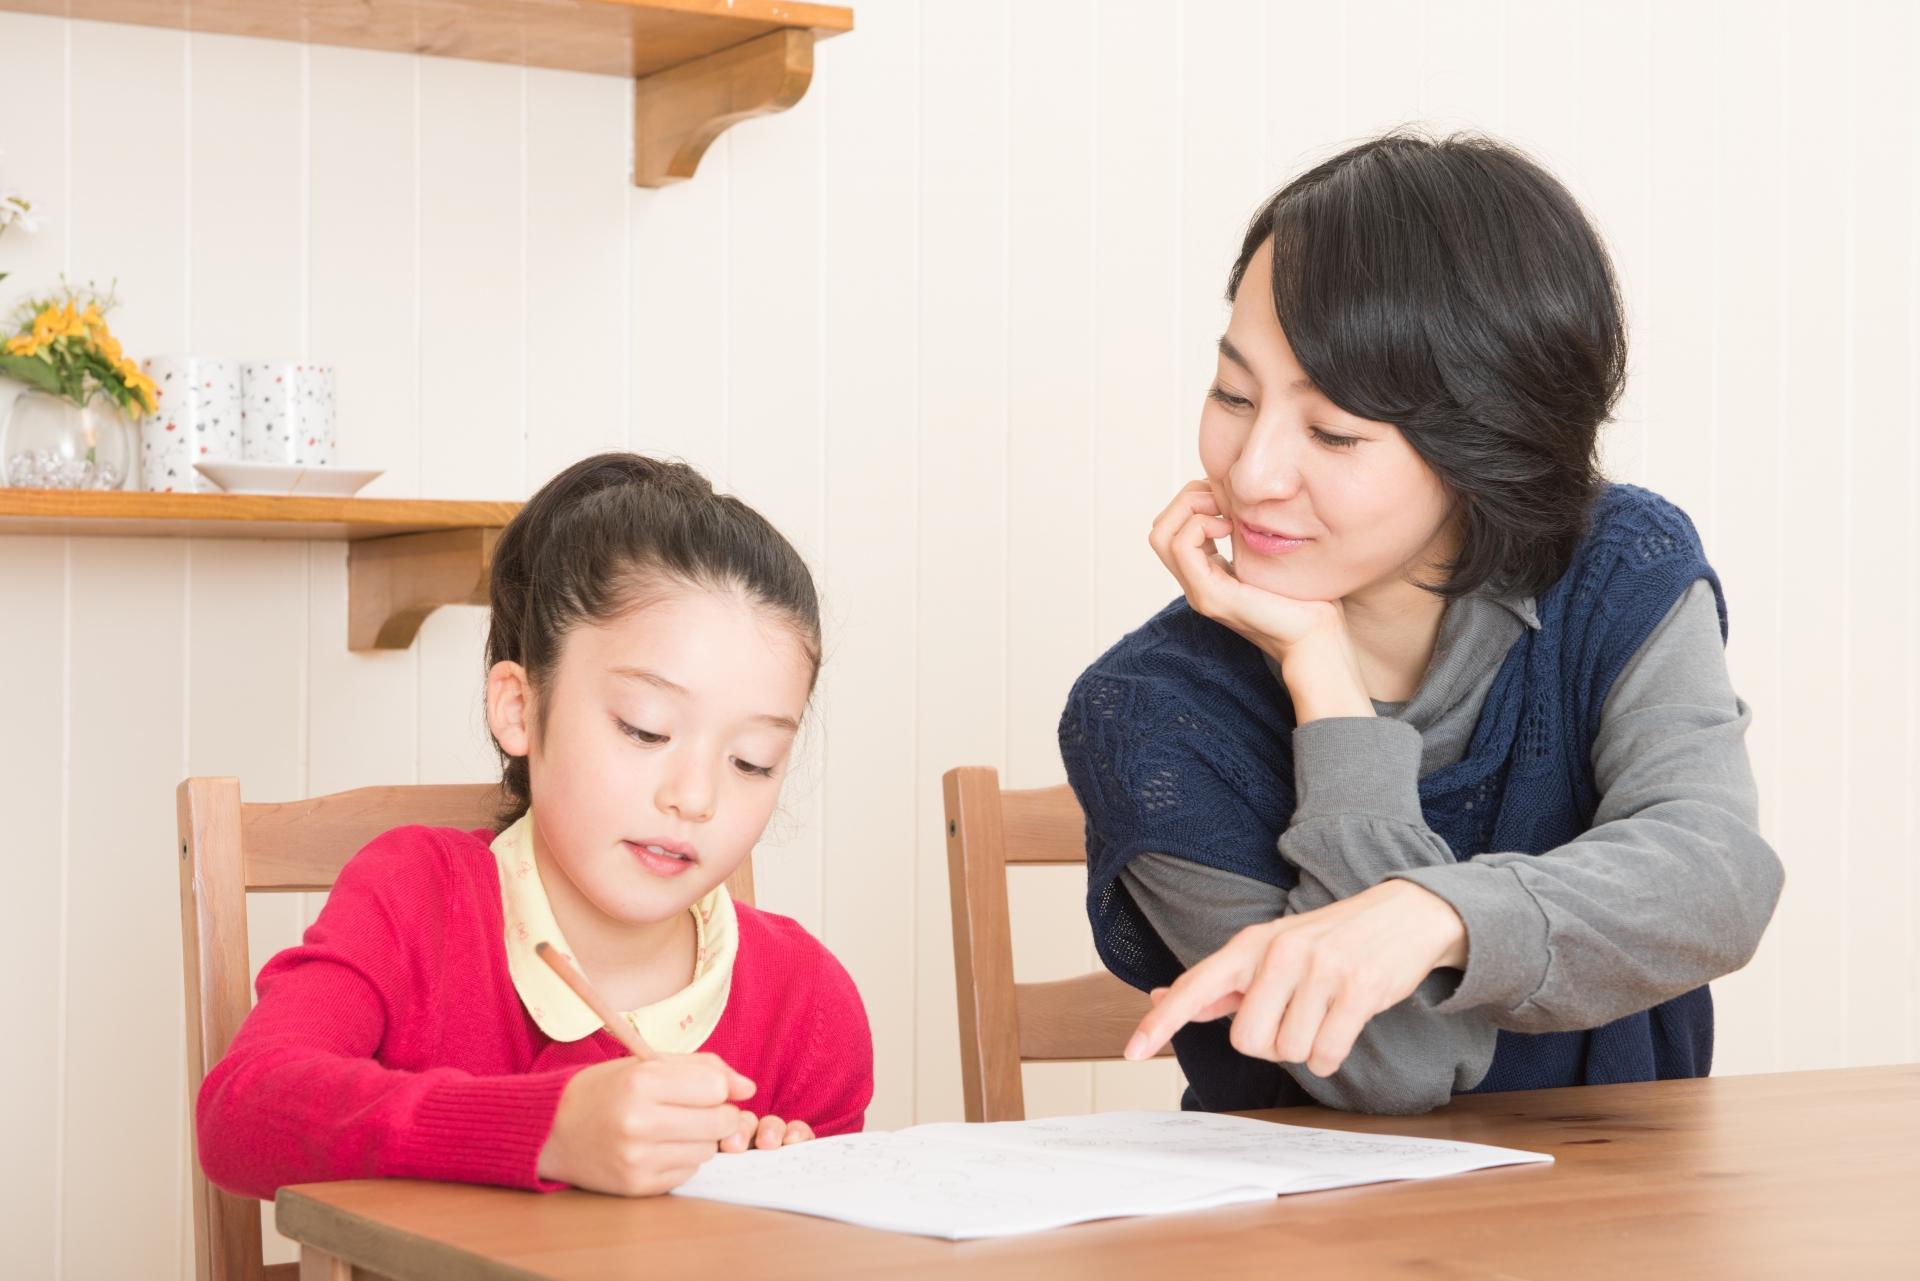 【1日3分】書かずに覚える漢字勉強法とは?漢字力が身につく5つのポイントの画像1